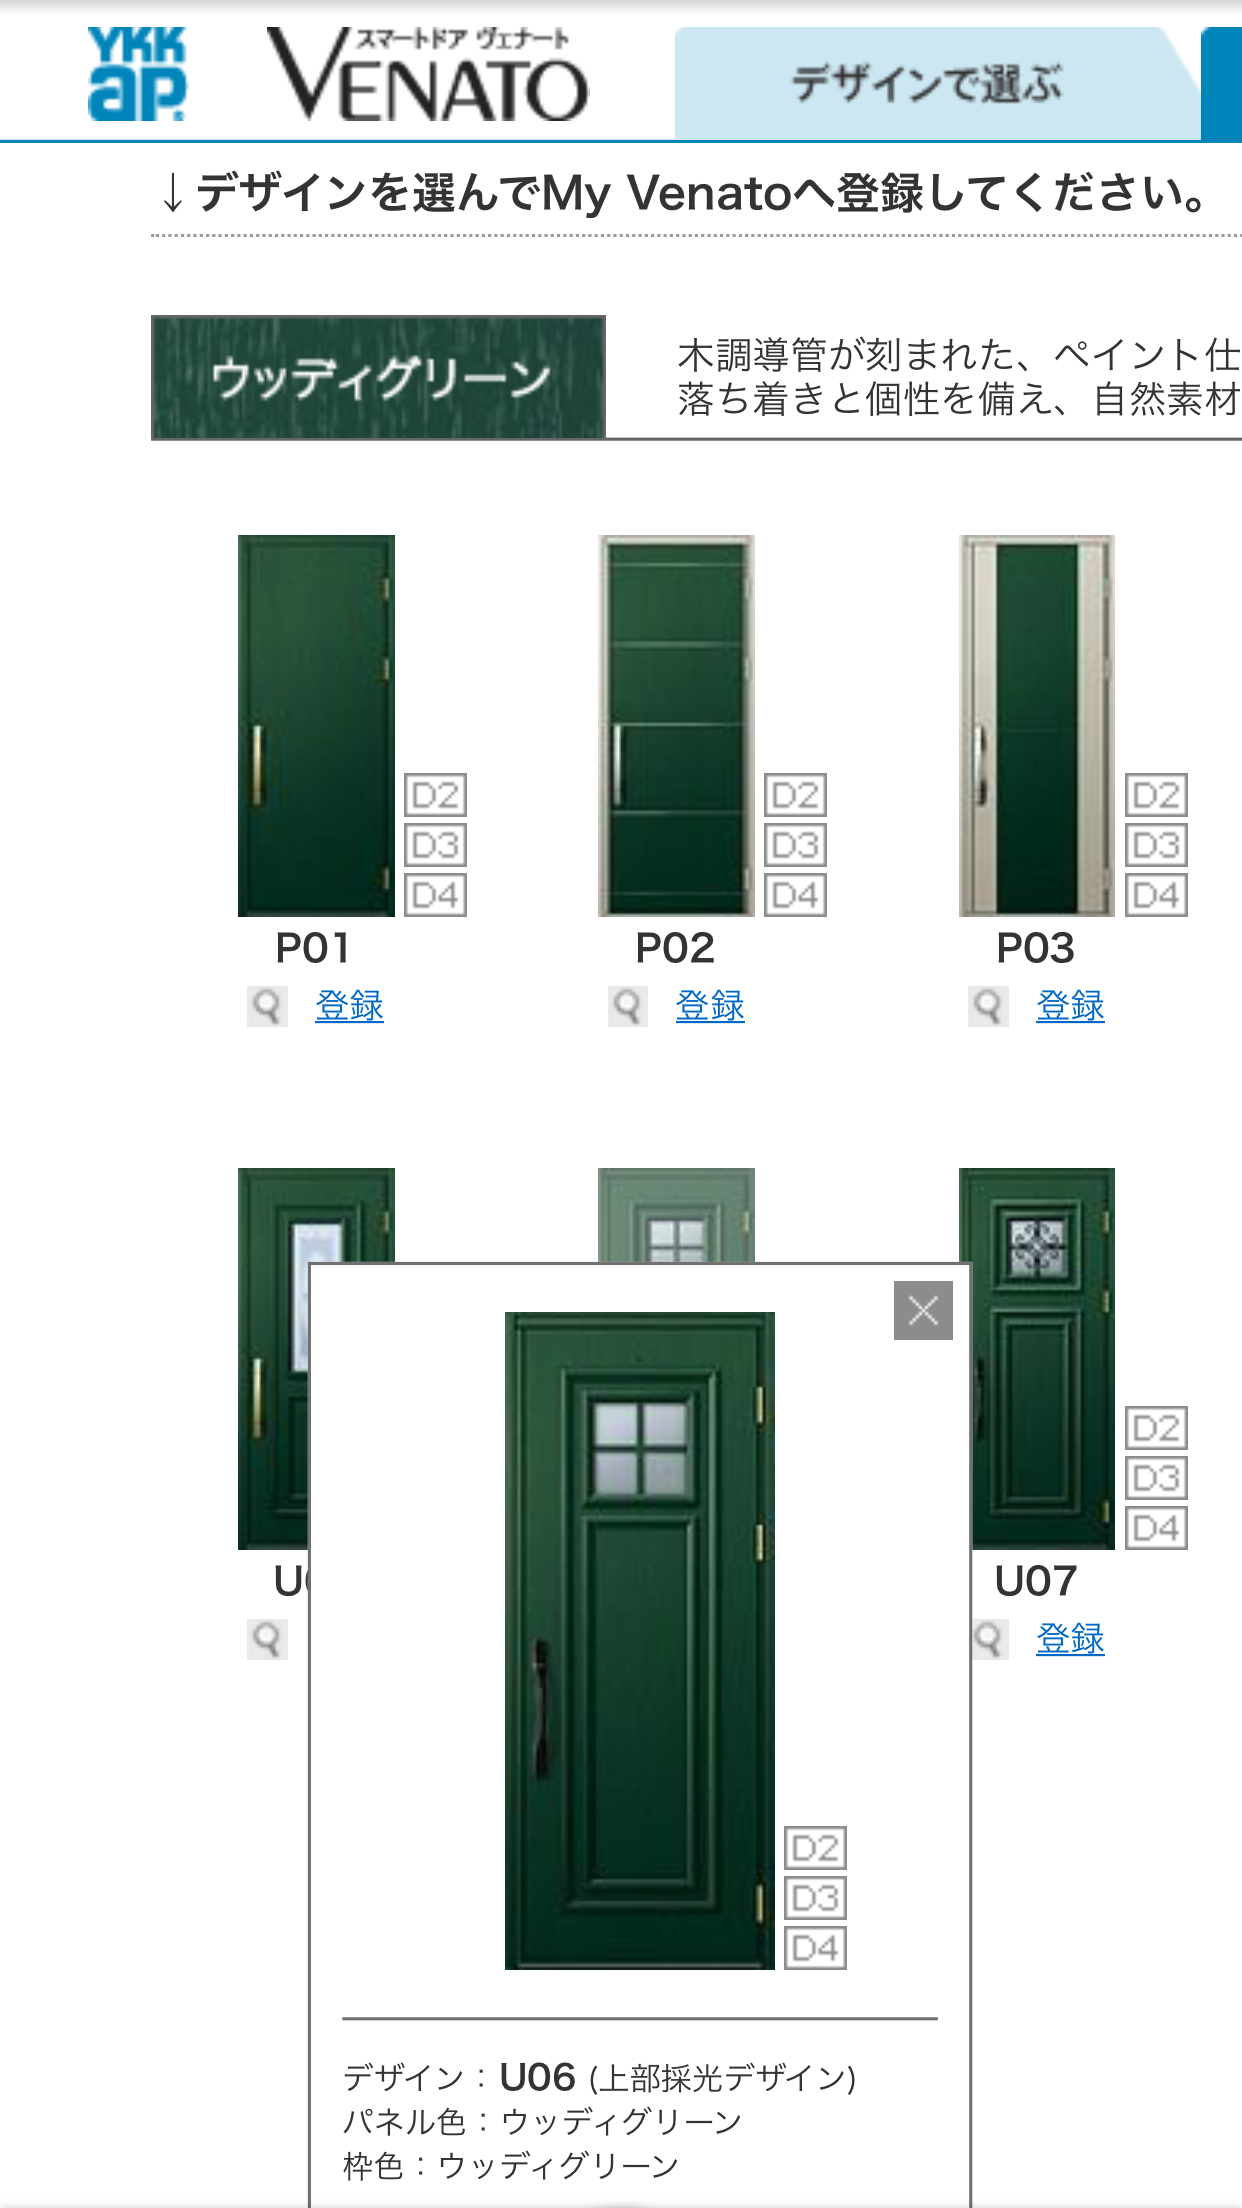 緑の玄関ドア 緑の玄関ドア 玄関ドア 玄関